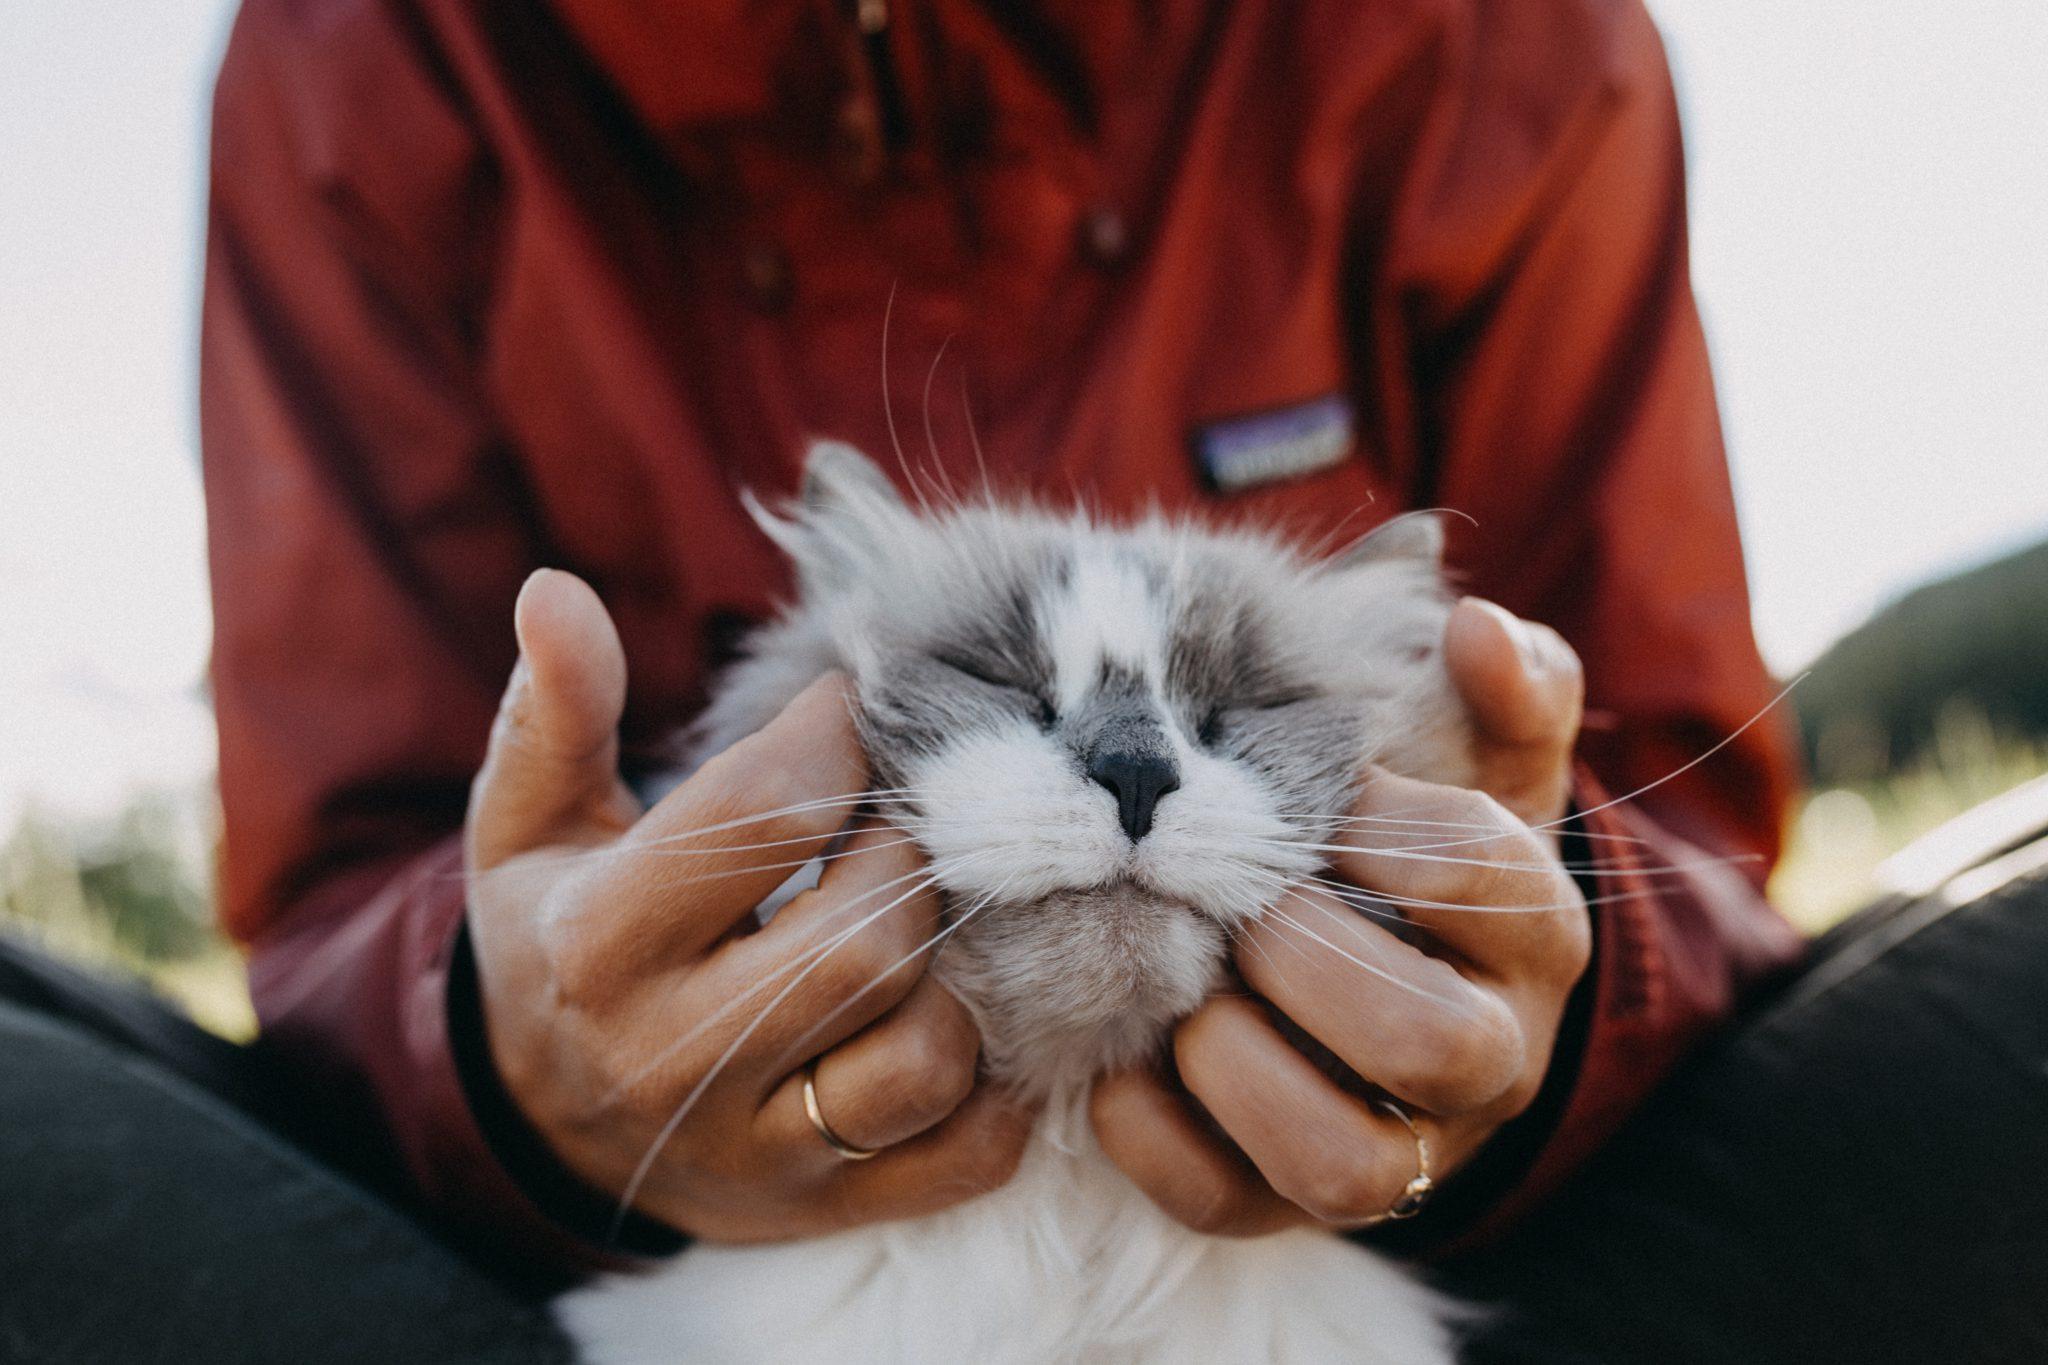 고양이에게 애정표현